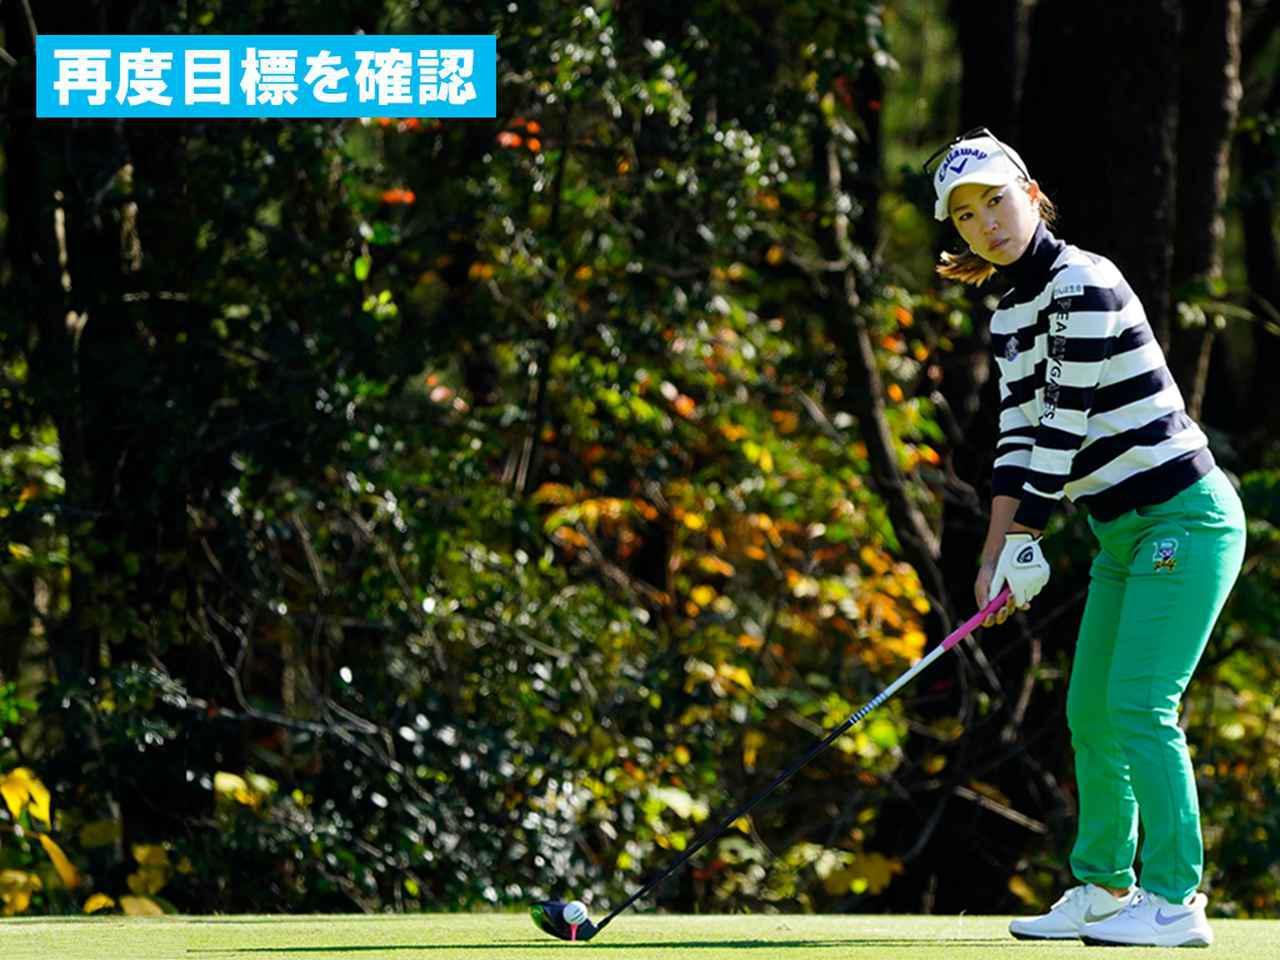 """画像46: 【プレショットルーティン調査】女子プロゴルファー上位32人をチェック! 2タイプに分かれた""""アドレスの入り方"""""""